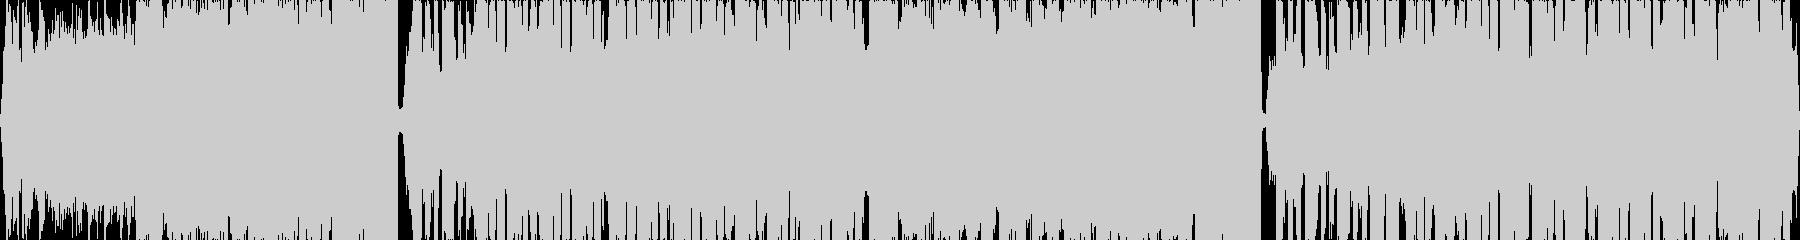 カットボーカルが印象的なエレクトロの未再生の波形